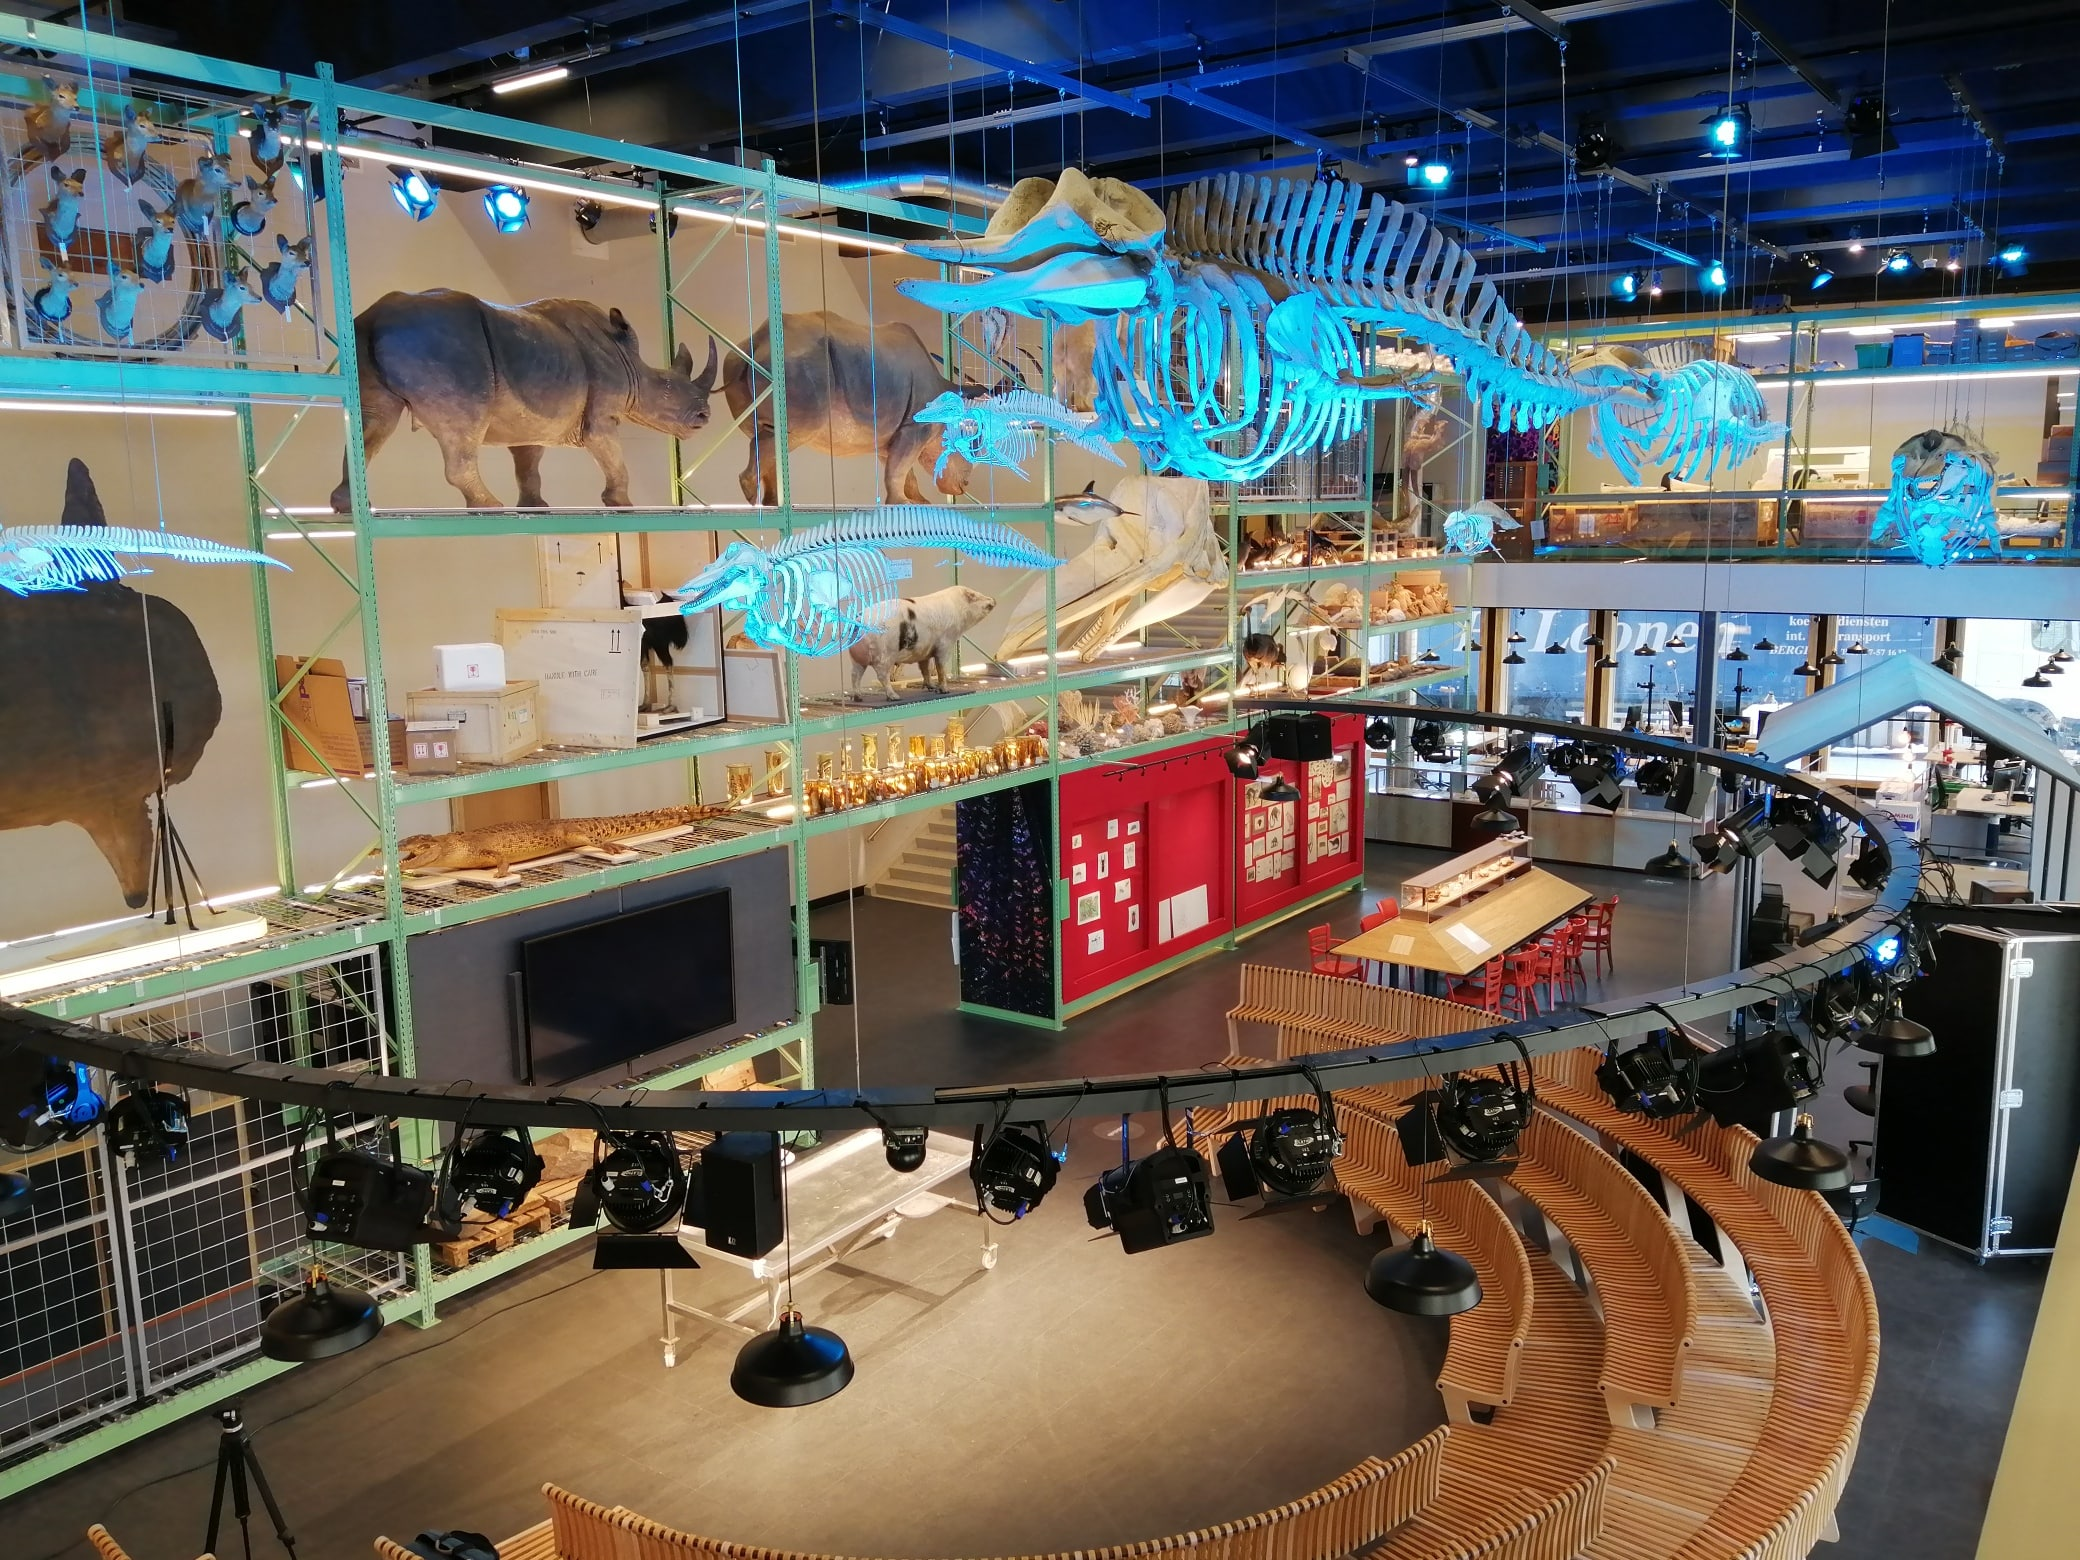 Skeletten | oplevering restauratie en montage, diverse zeezoogdierskeletten  | Live Science zaal - Naturalis Biodiversity Center